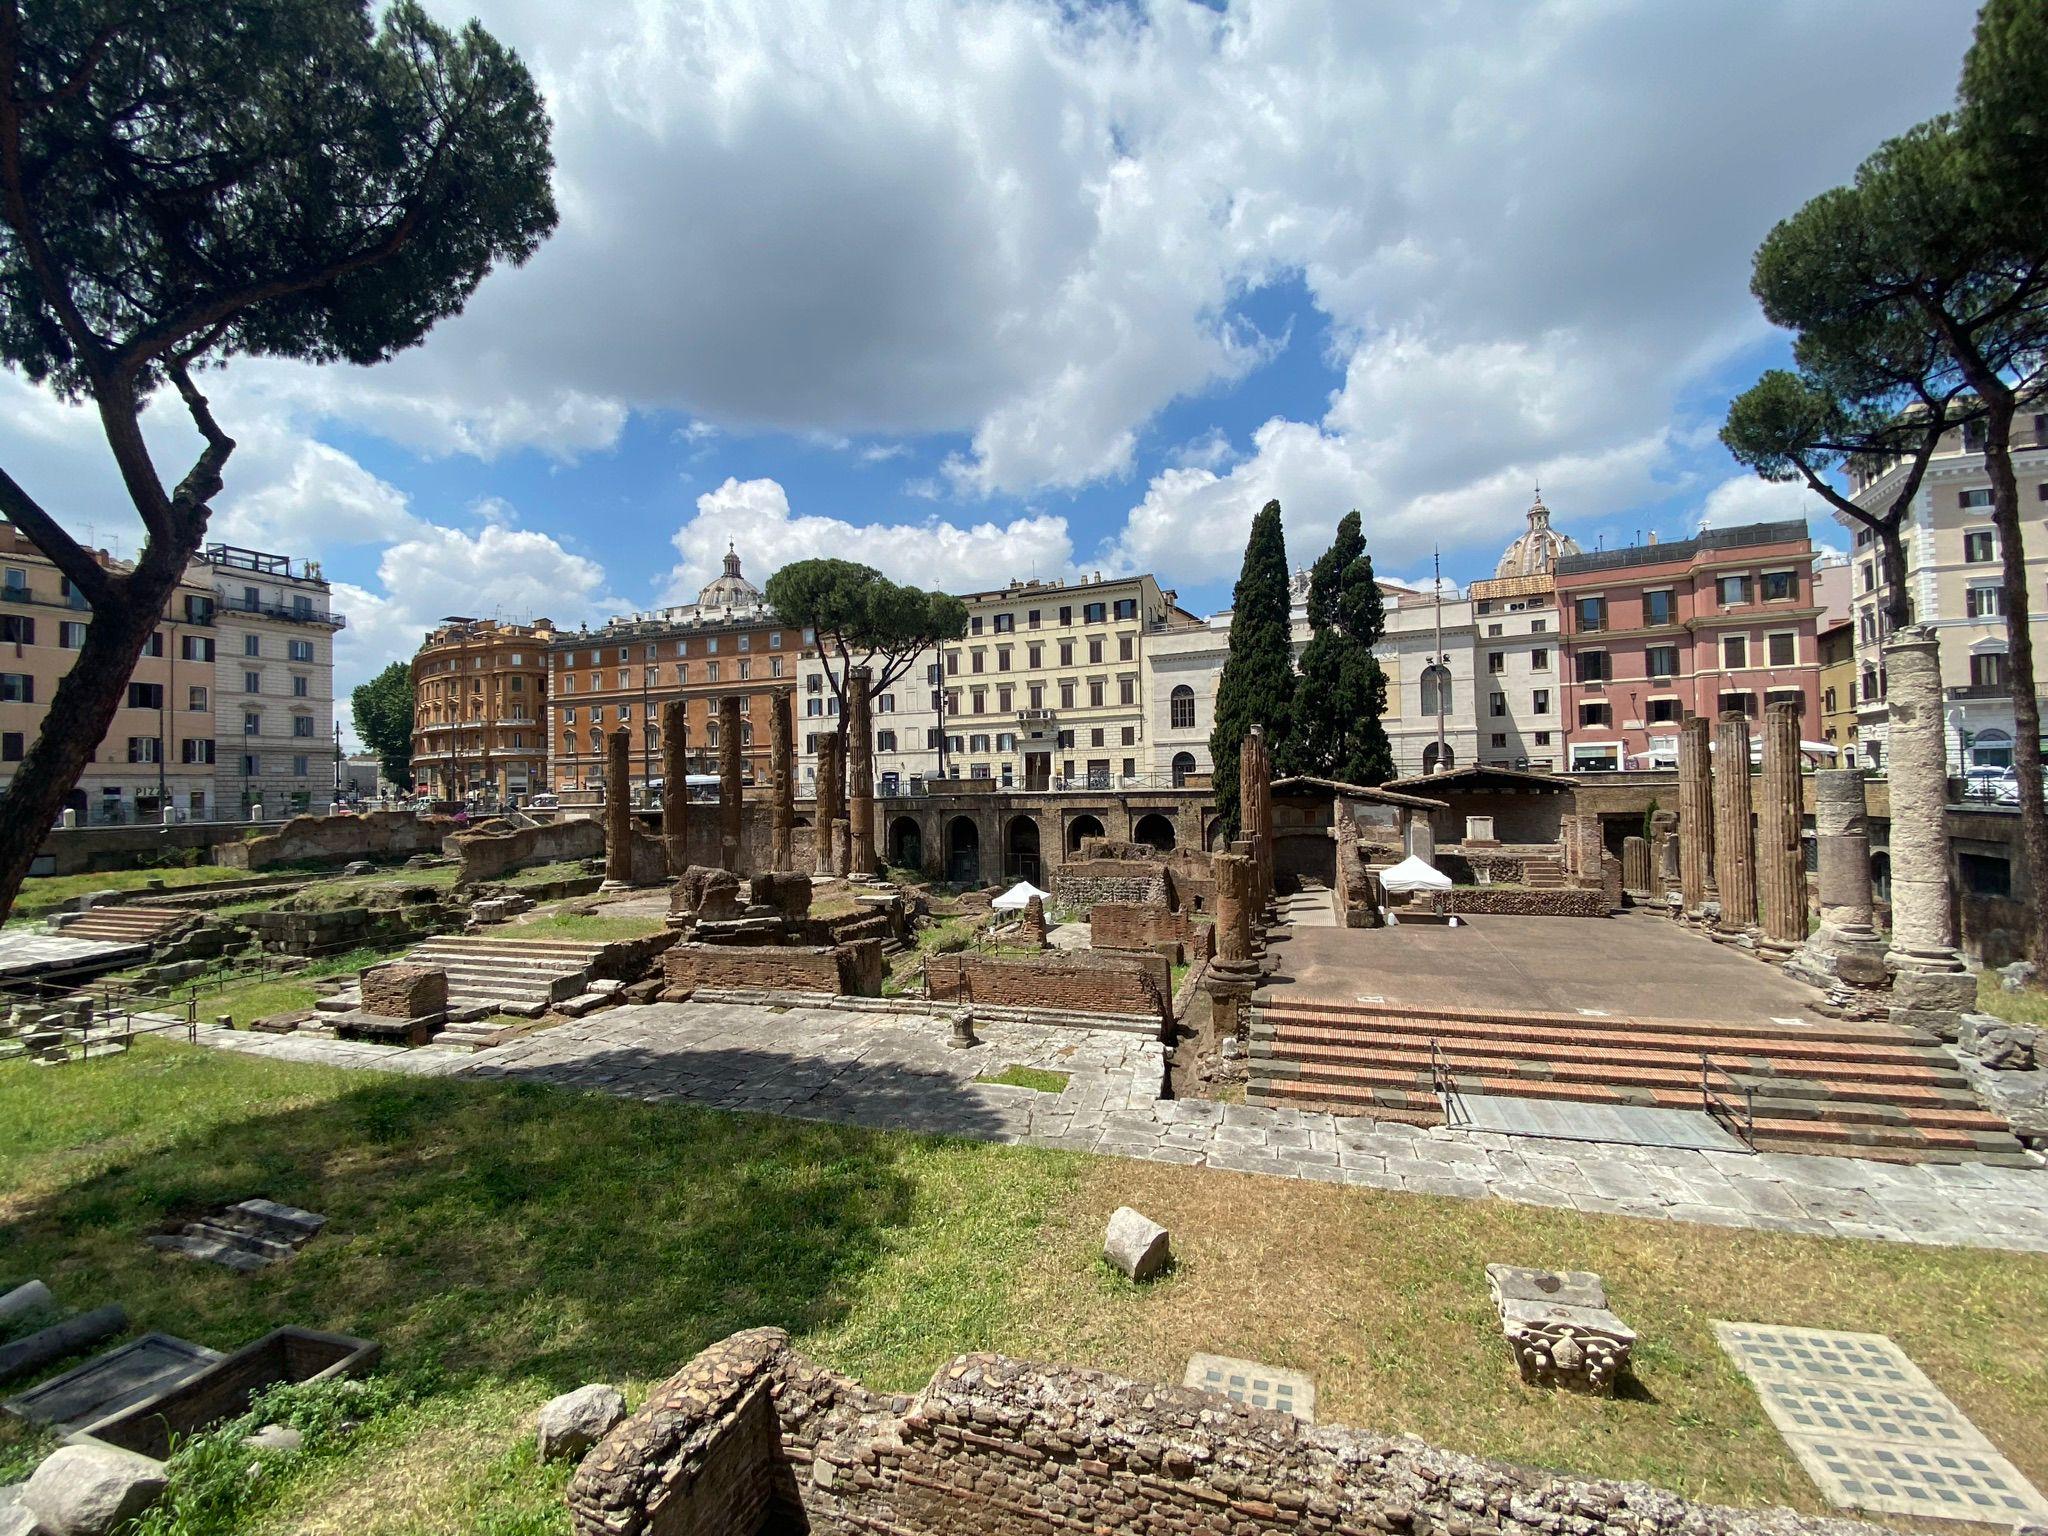 Templi Torre Argentina - Art Club - Associazione culturale - Visite guidate a Roma - Esperienze di Arte - Giugno - 2021